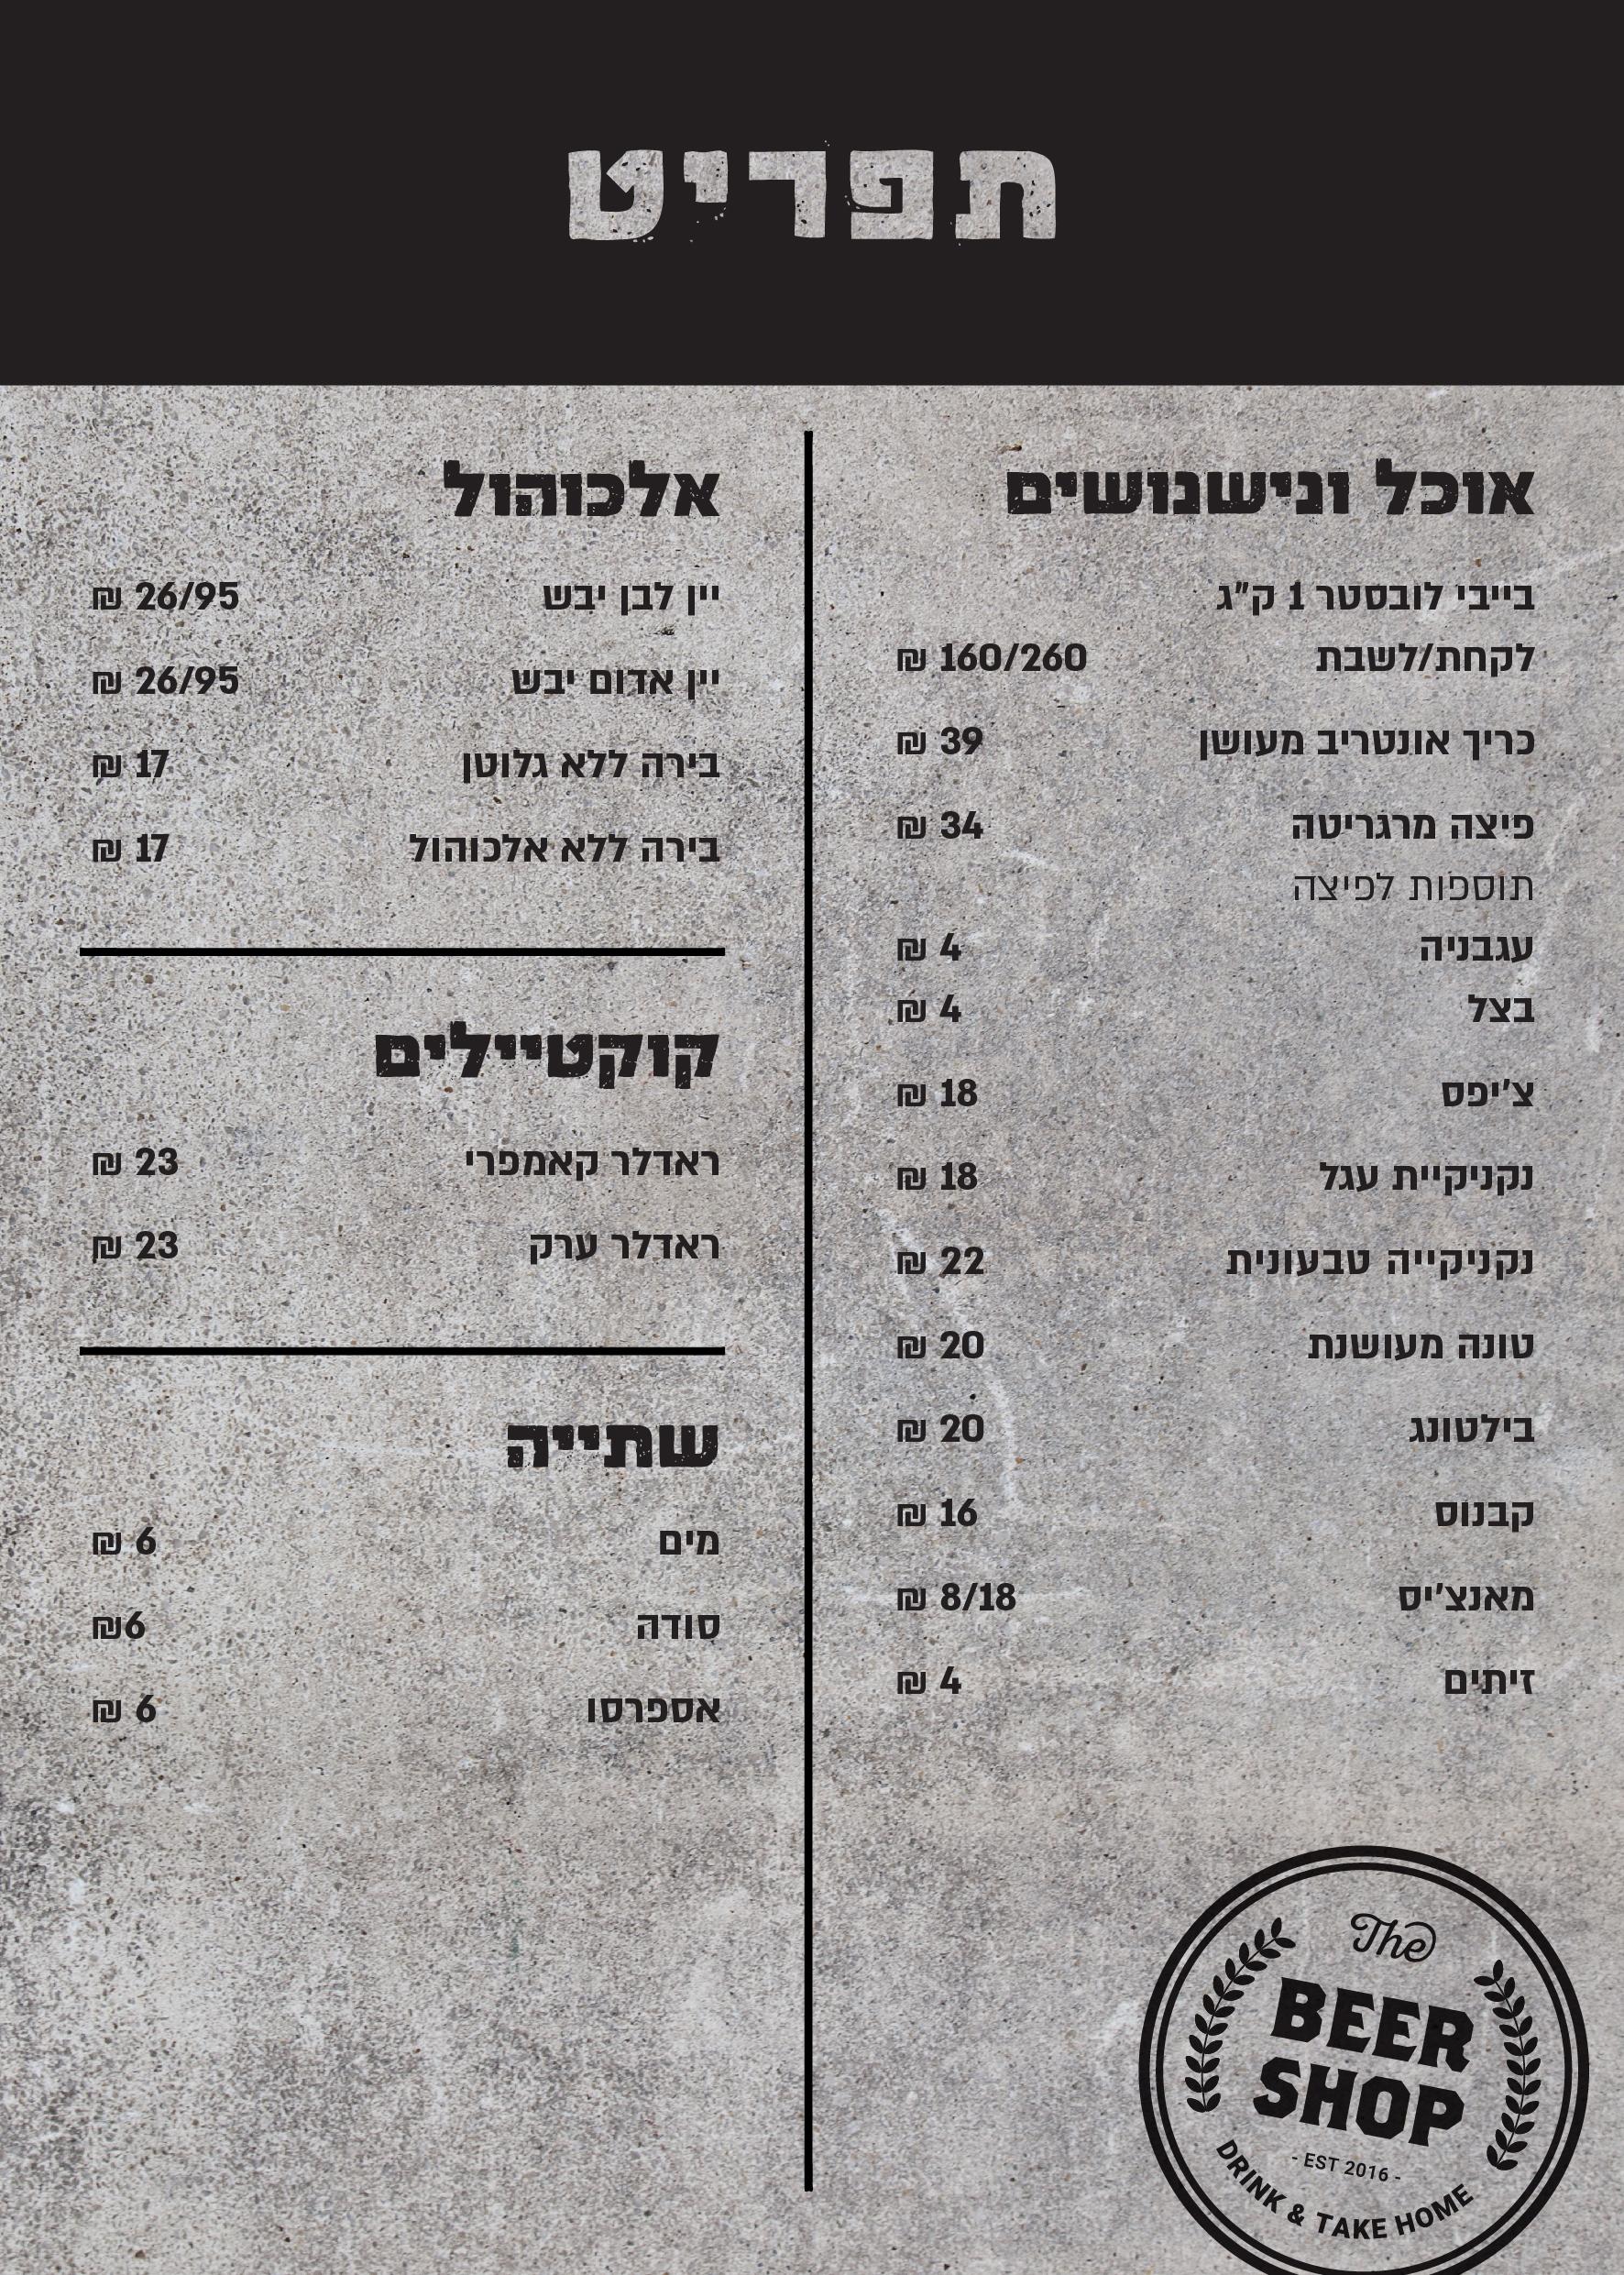 תפריט ביר בשופ - עברית